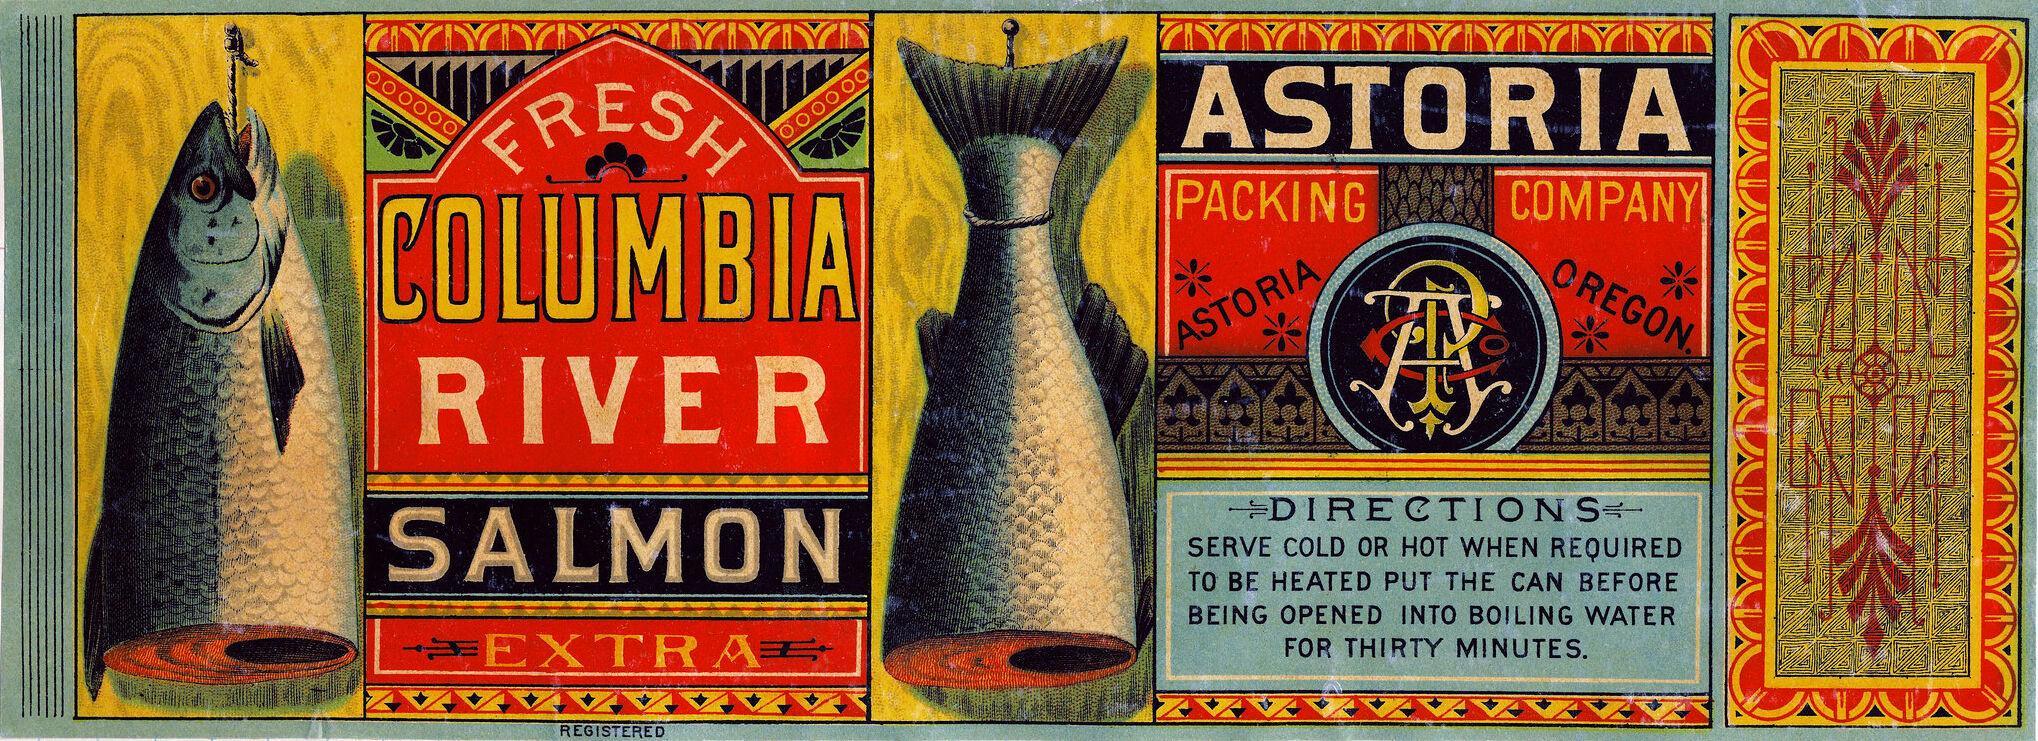 Astoria salmon